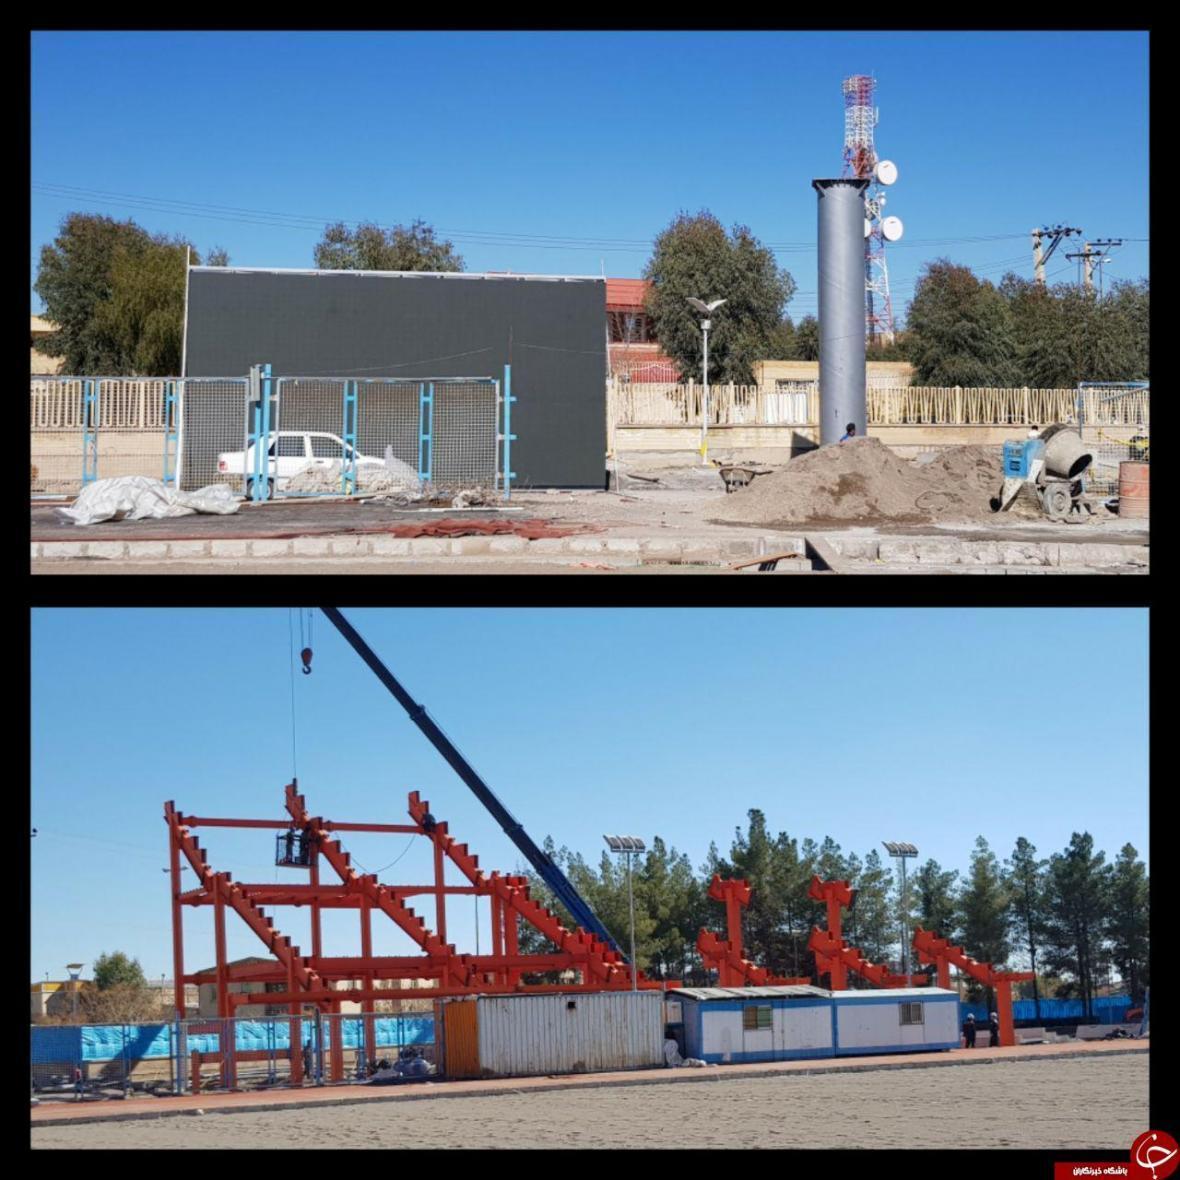 روند توسعه و بازسازی ورزشگاه گل گهر زیر ذره بین